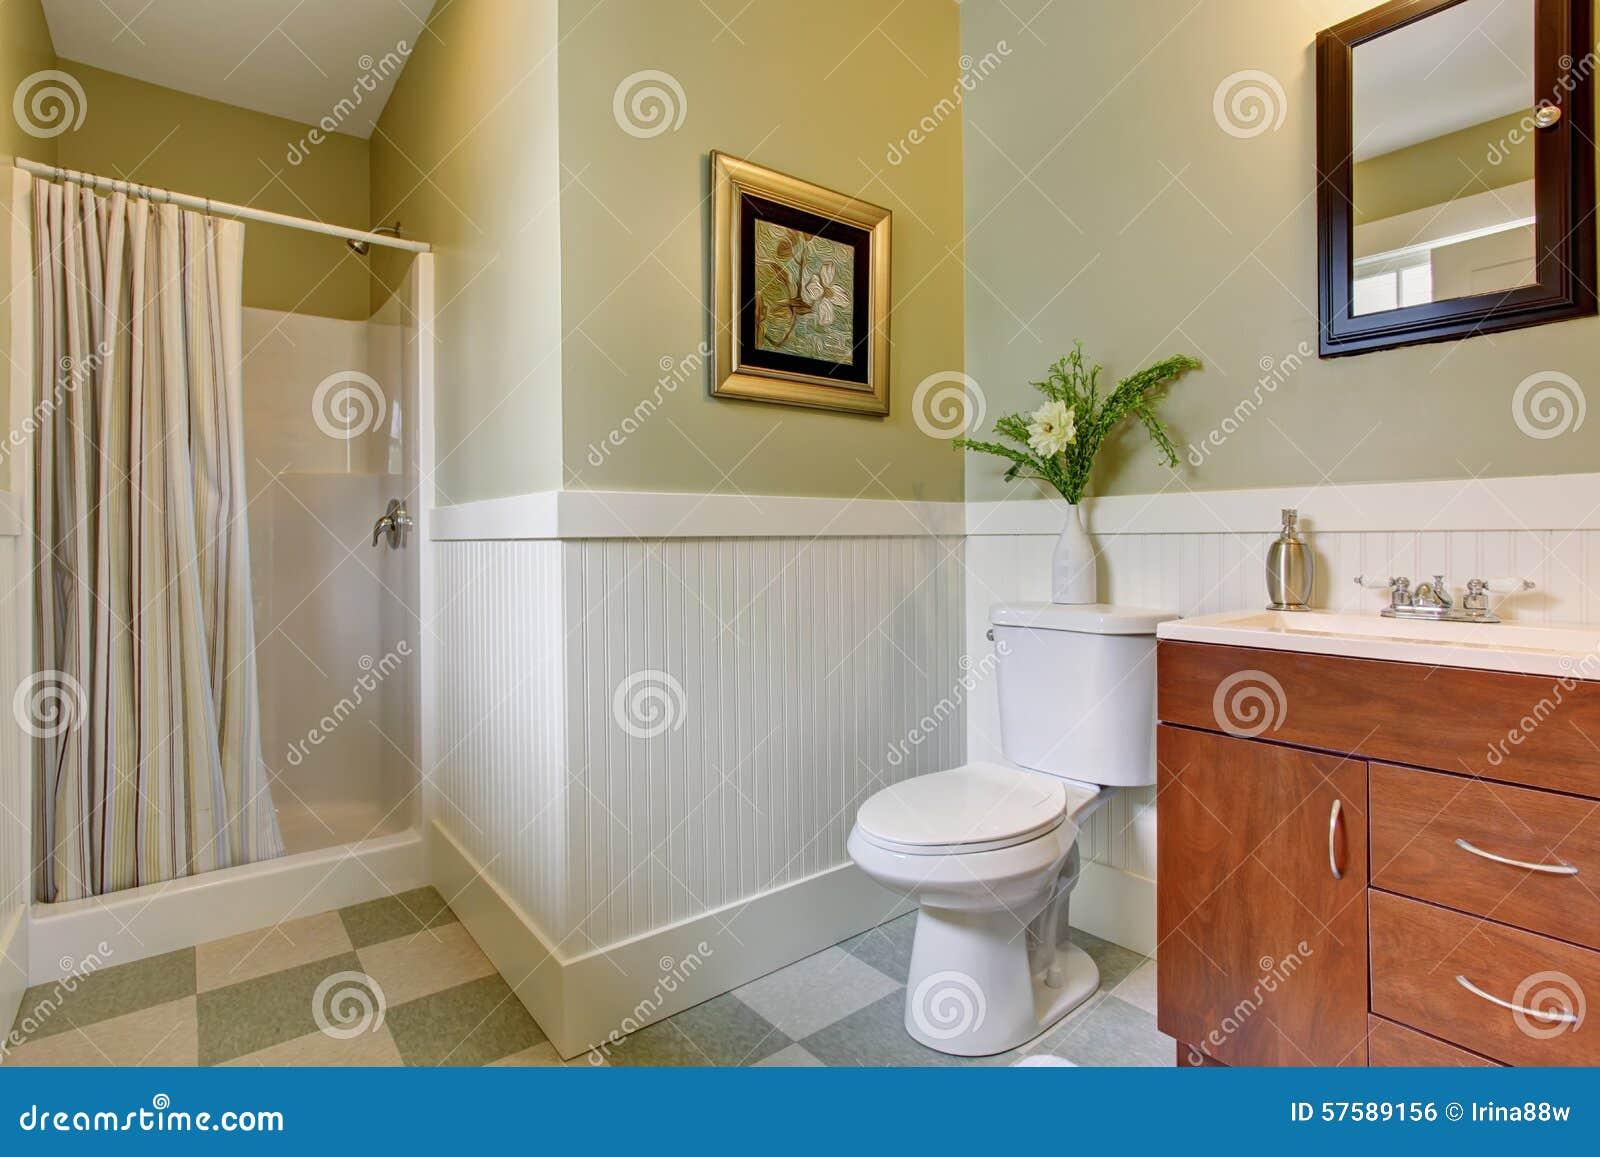 Cuarto De Baño Con El Suelo De Baldosas A Cuadros, Y Paredes Blancas ...